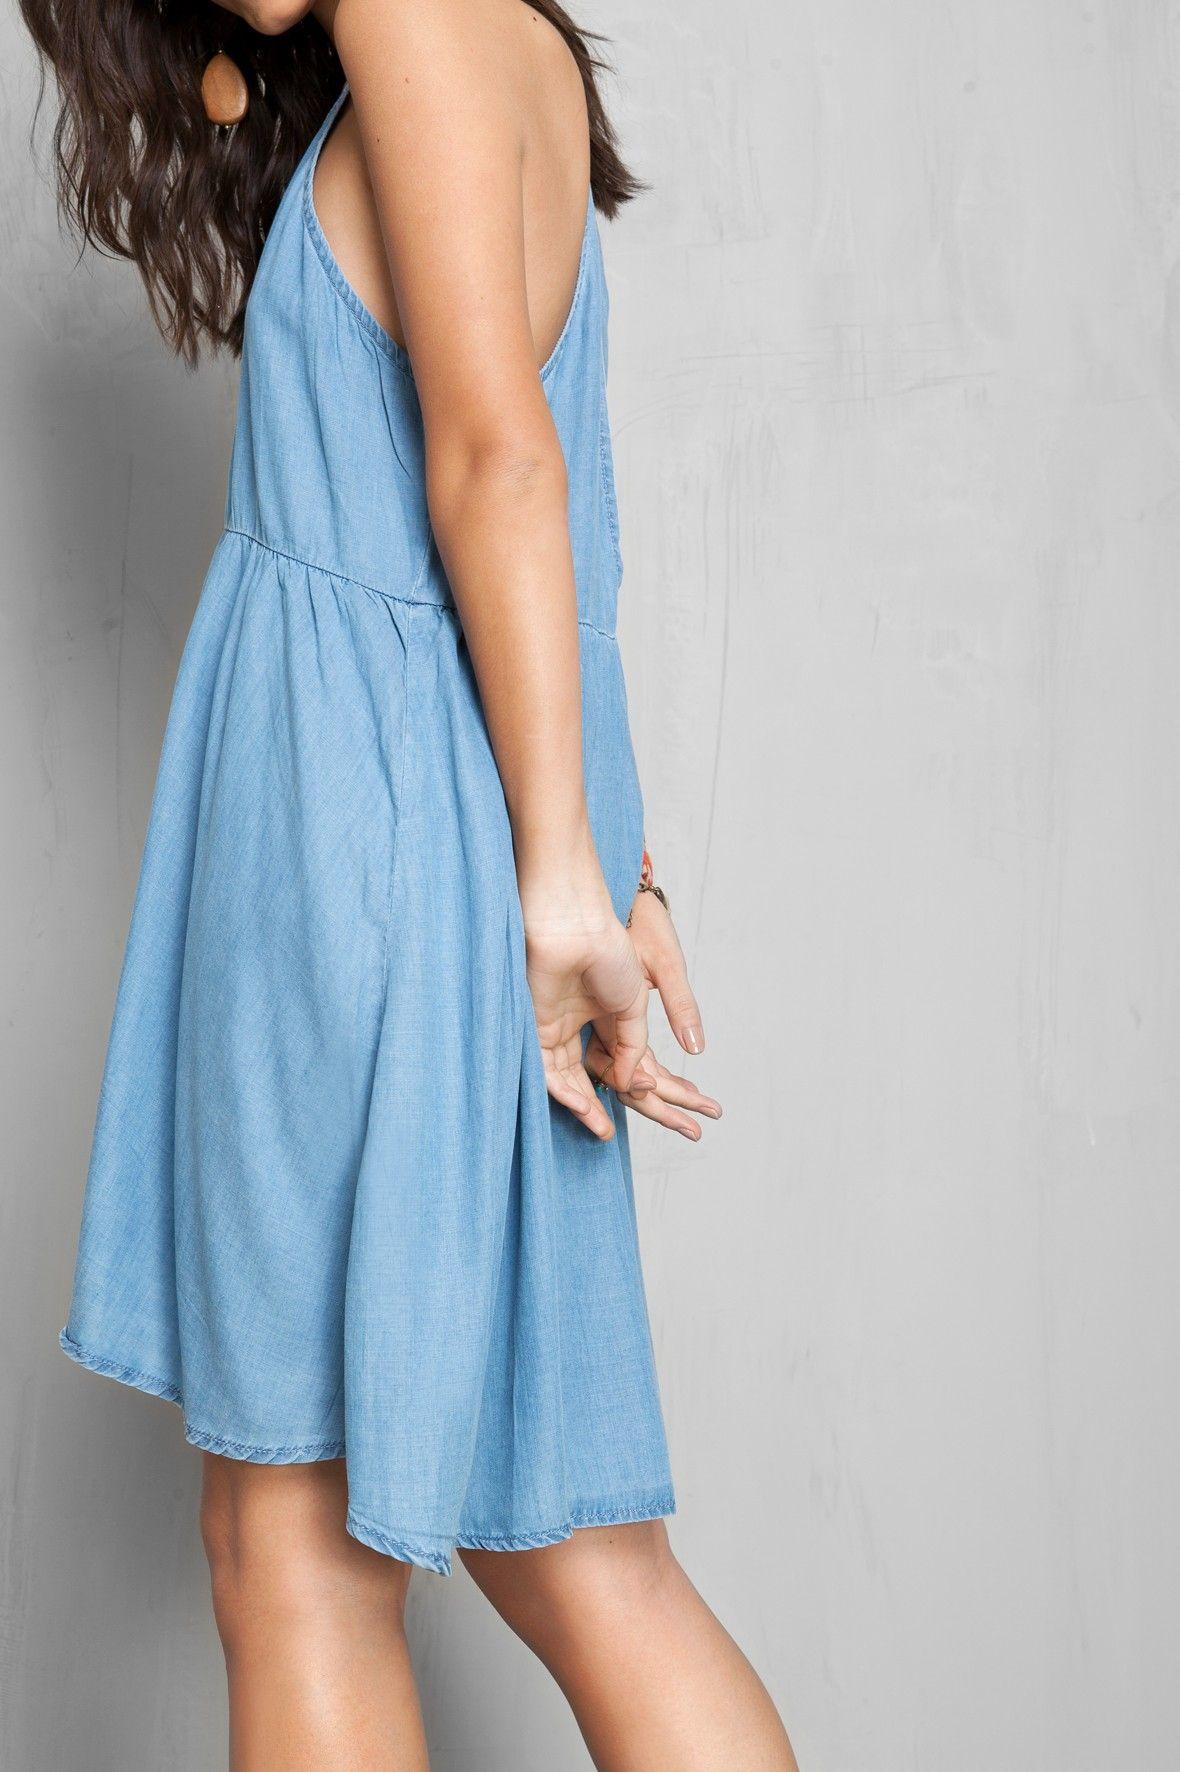 a18422d92 vestido em jeans levinho, modelagem ampla, alças finas e decote nas costas  com fechamento por botão na parte de trás.